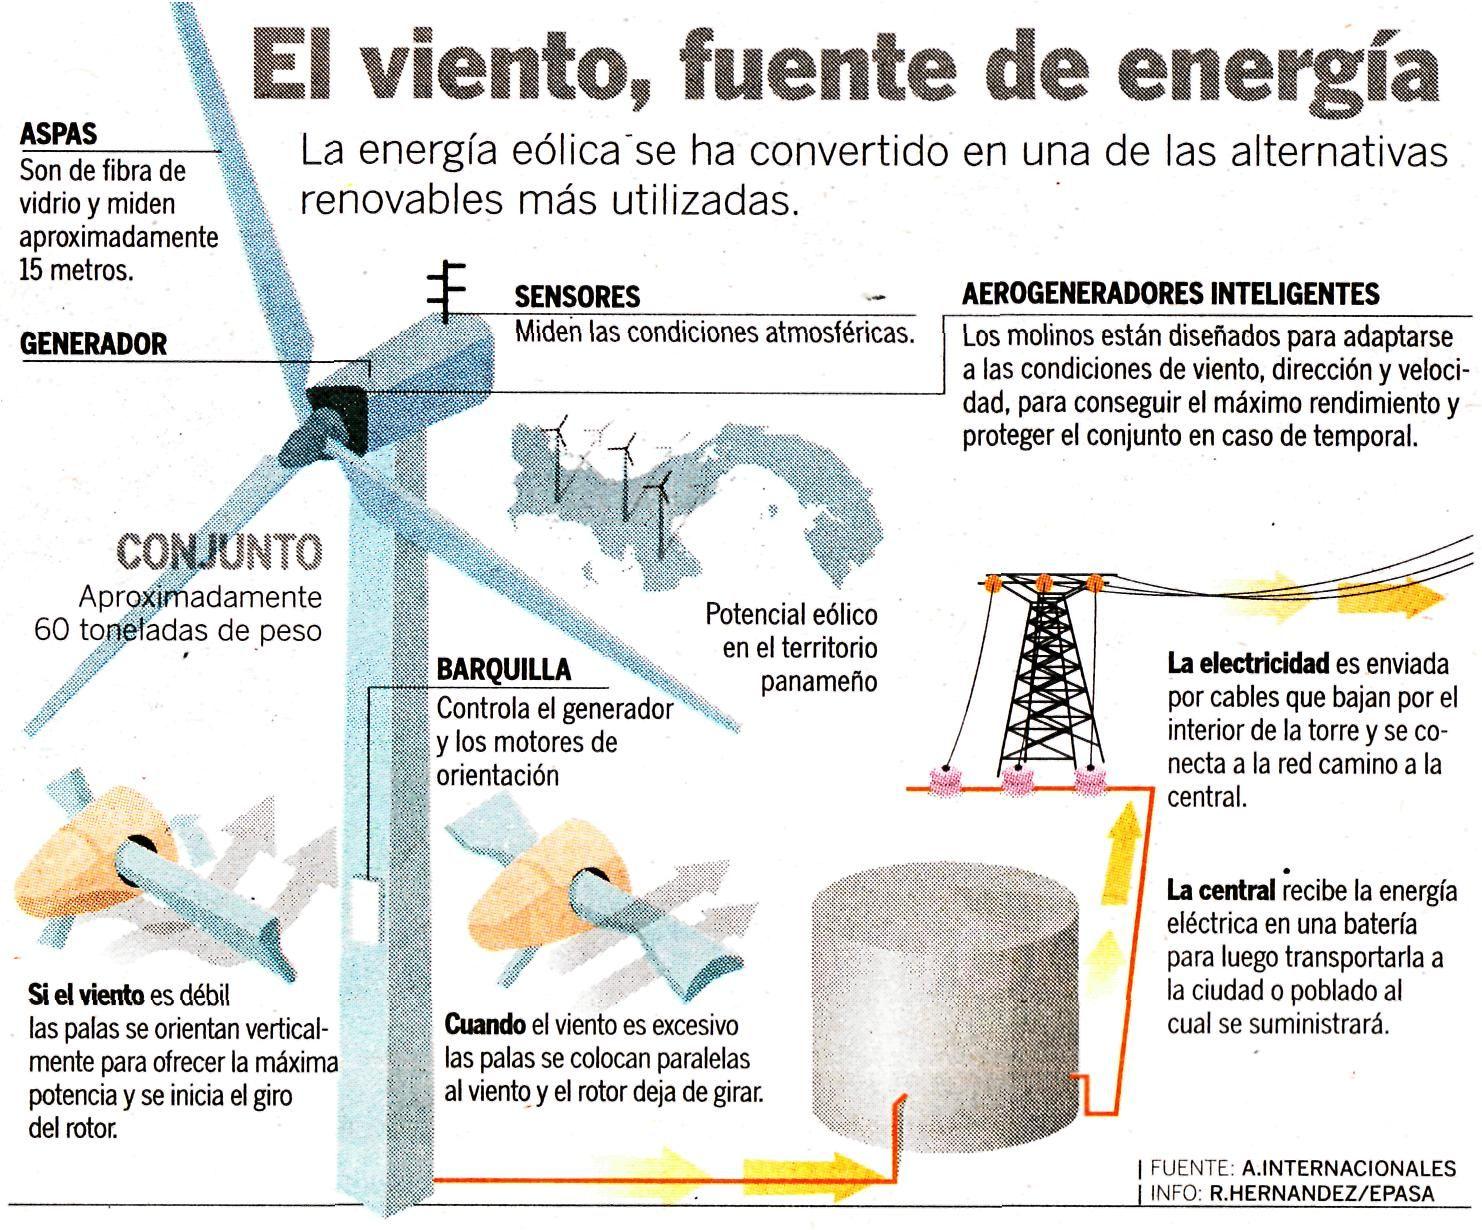 Resultados De La Busqueda De Imagenes De Google De Http Perumineria Files Wordpress Com 2011 1 Energia Eolica Fuentes De Energia Fuentes De Energia Renovable